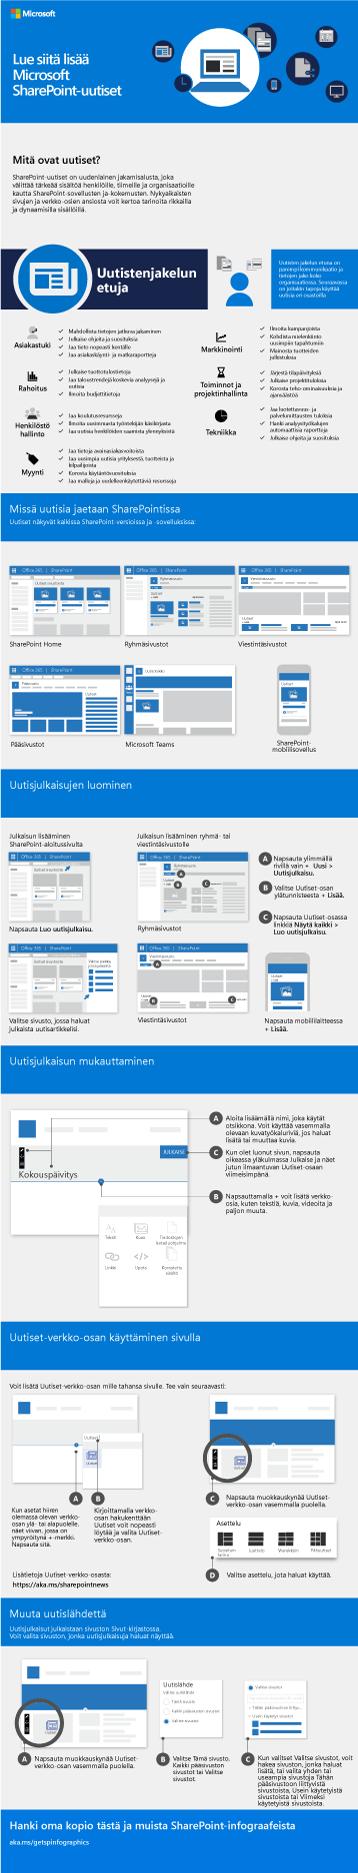 SharePoint-uutisten infografiikka